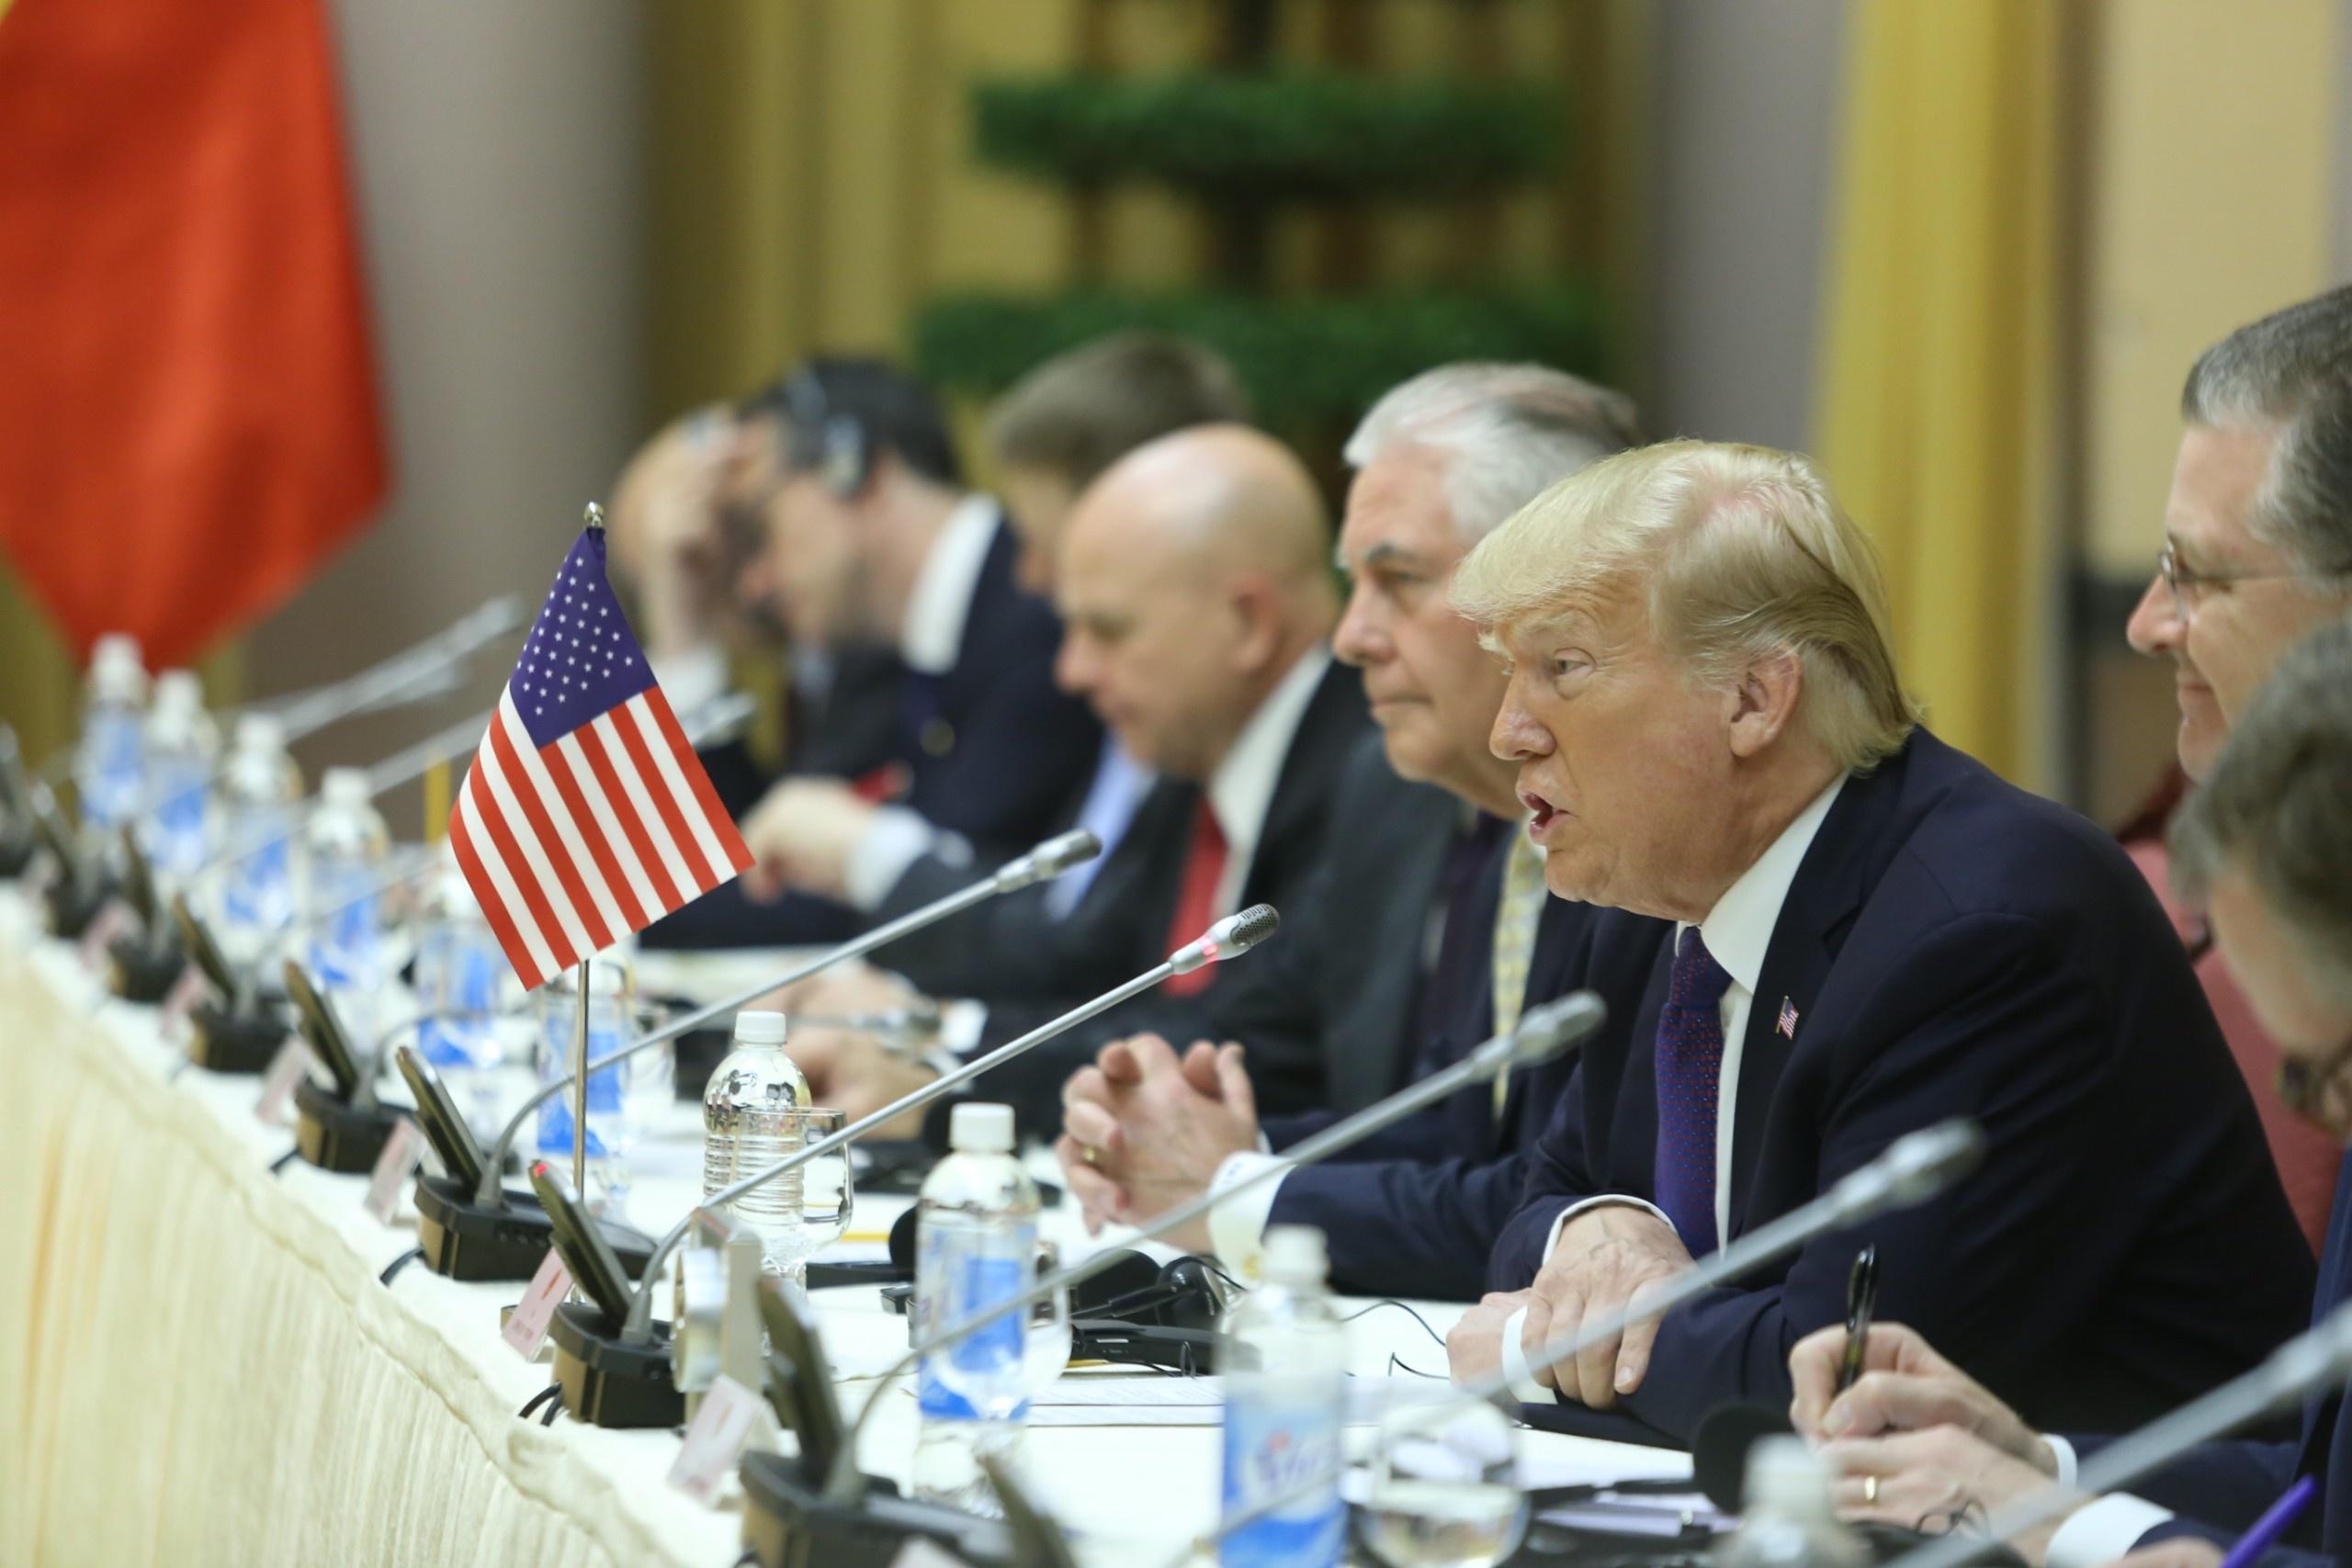 TT Trump toi VN: 'Quan he Viet - My phat trien qua nhanh, vuot bac' hinh anh 12